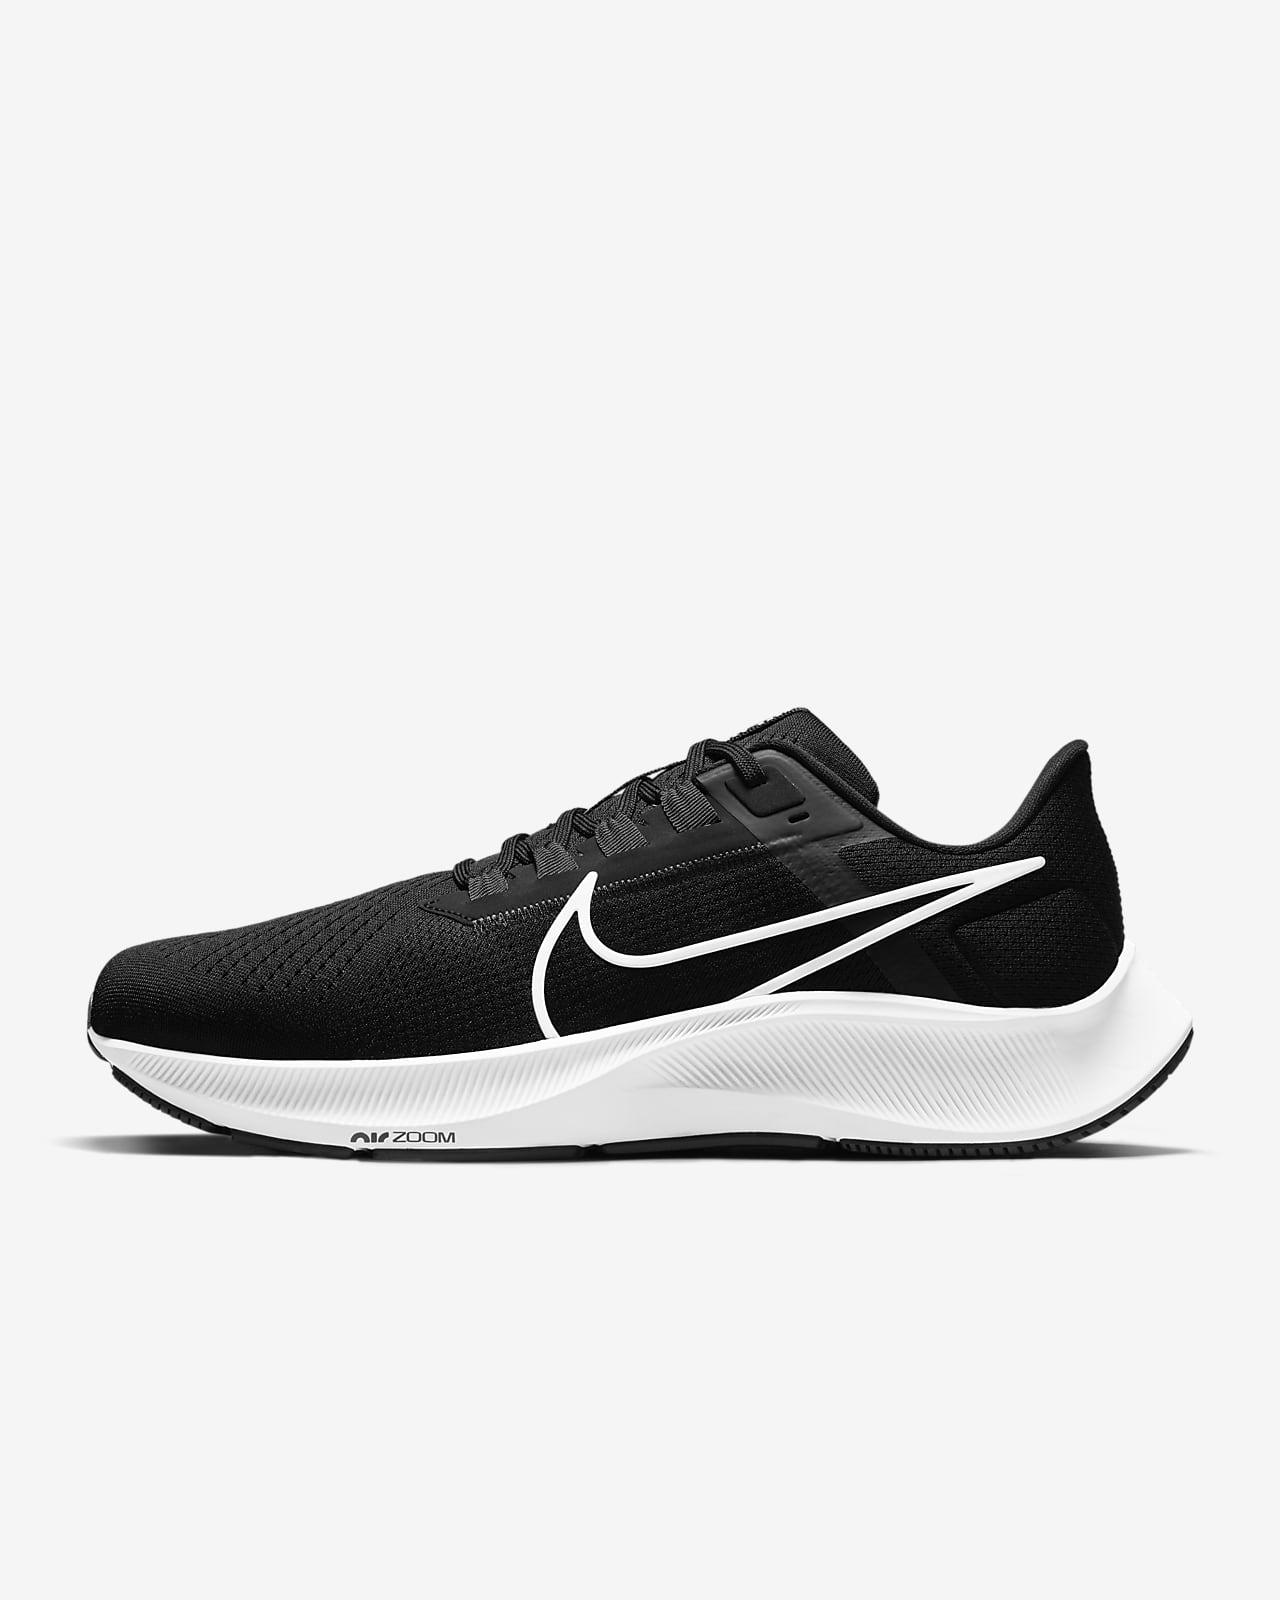 Ανδρικό παπούτσι για τρέξιμο Nike Air Zoom Pegasus 38 (πολύ φαρδύ)